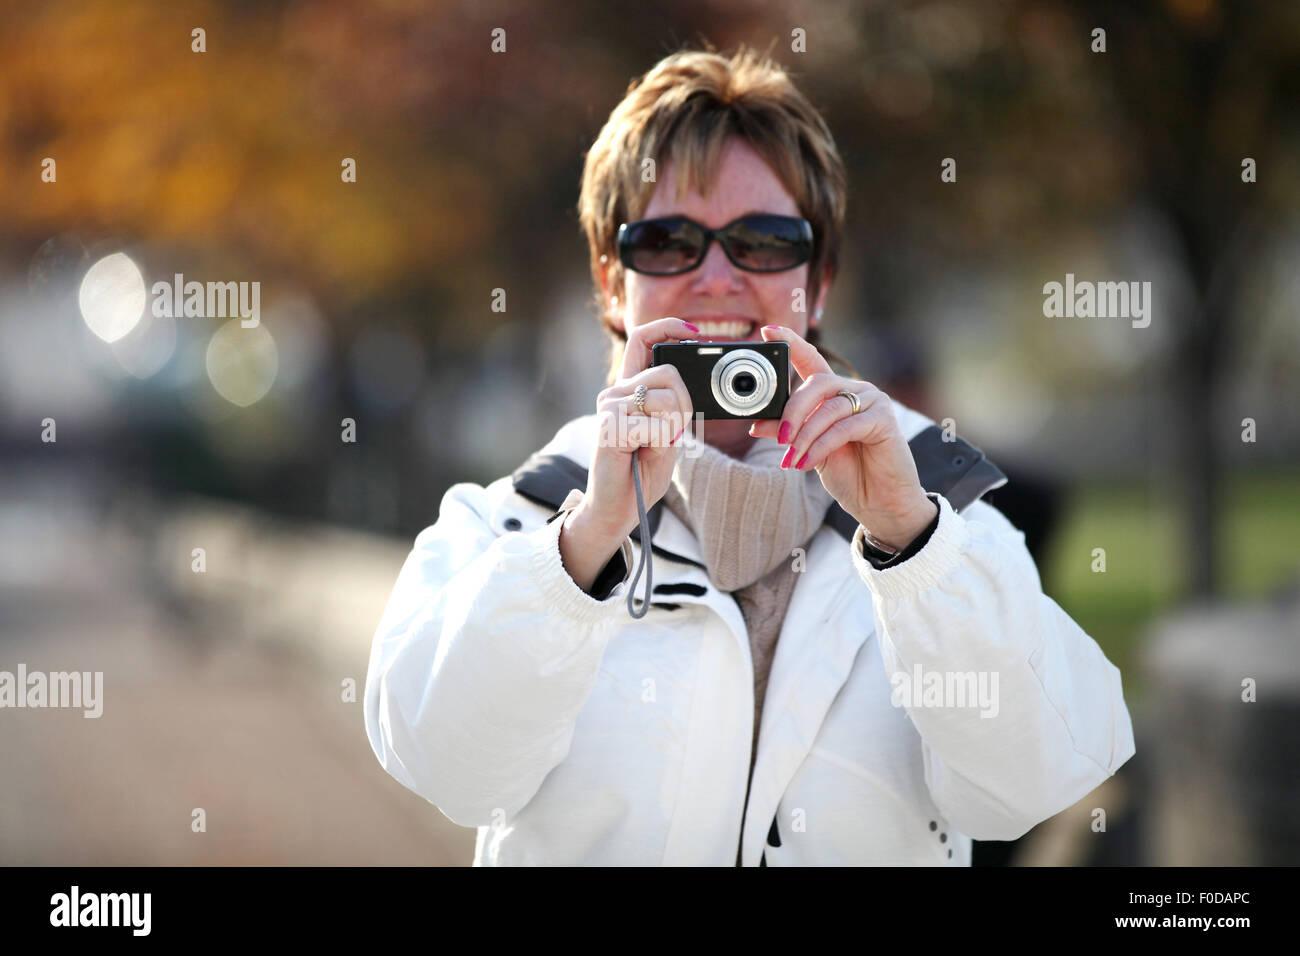 Una donna di mezza età, un turista, tenendo la sua fotocamera per scattare una foto verso il fotografo. Lei Immagini Stock